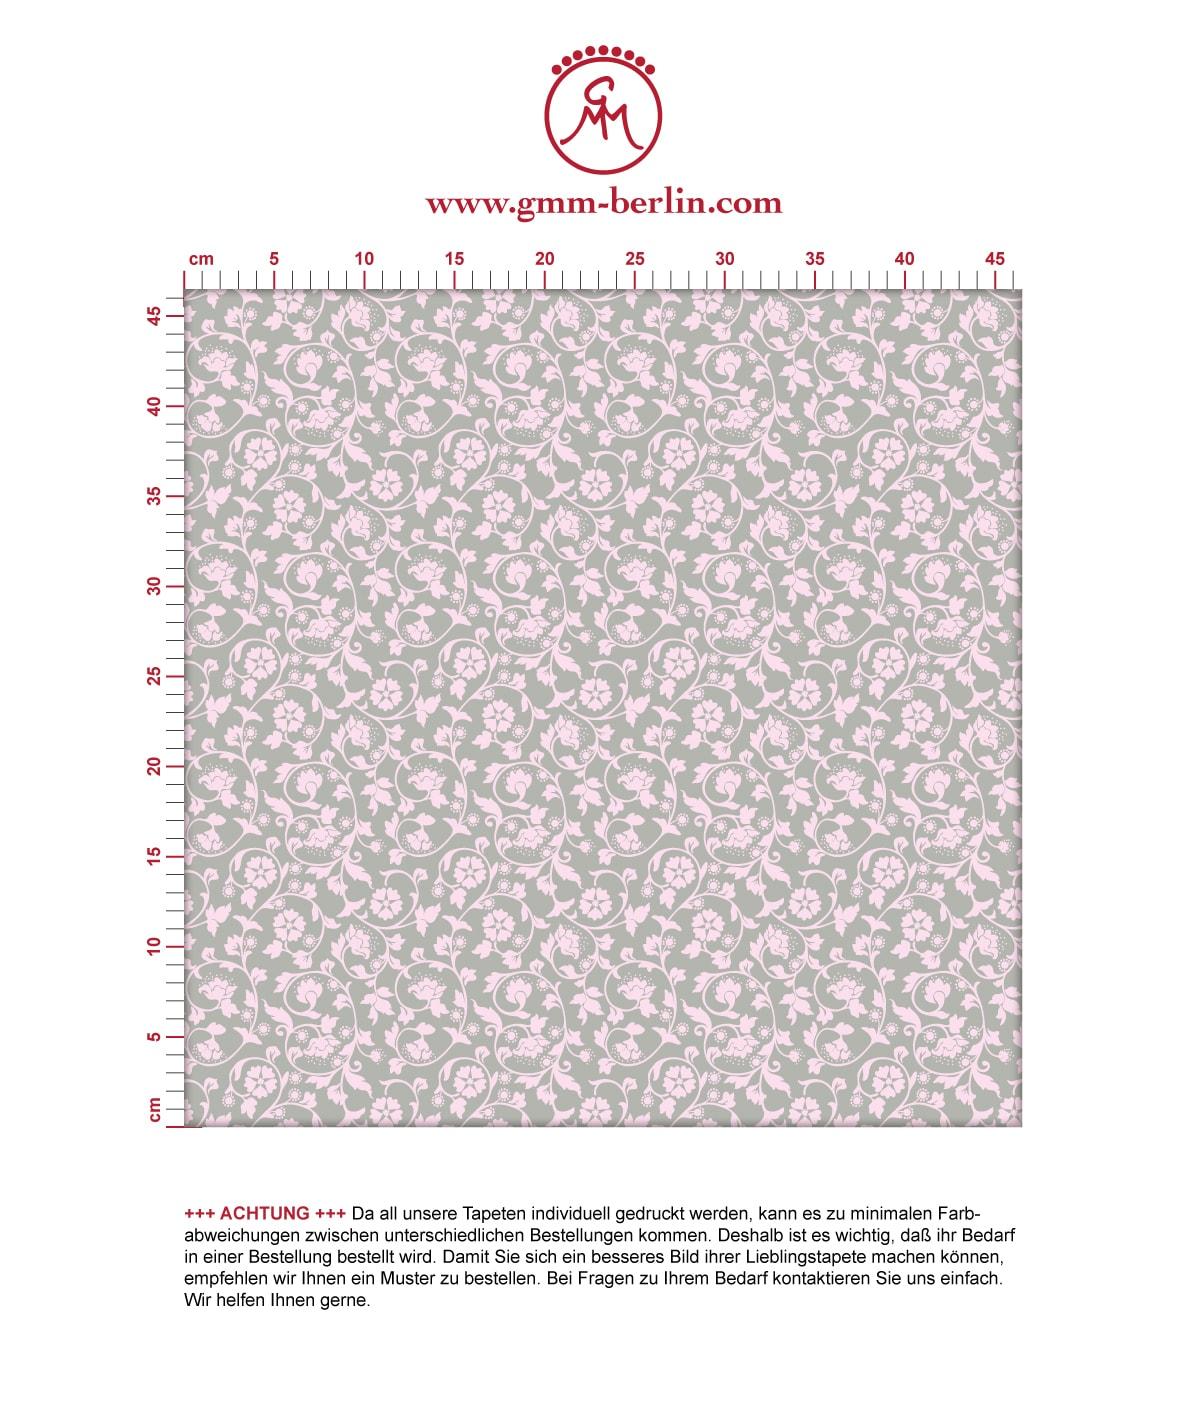 Ranken Ornamenttapete Kemenaten Zauber mit Blumen in grau - Nostalgietapete für Flur, Büro. Aus dem GMM-BERLIN.com Sortiment: Schöne Tapeten in der Farbe: hell rosa